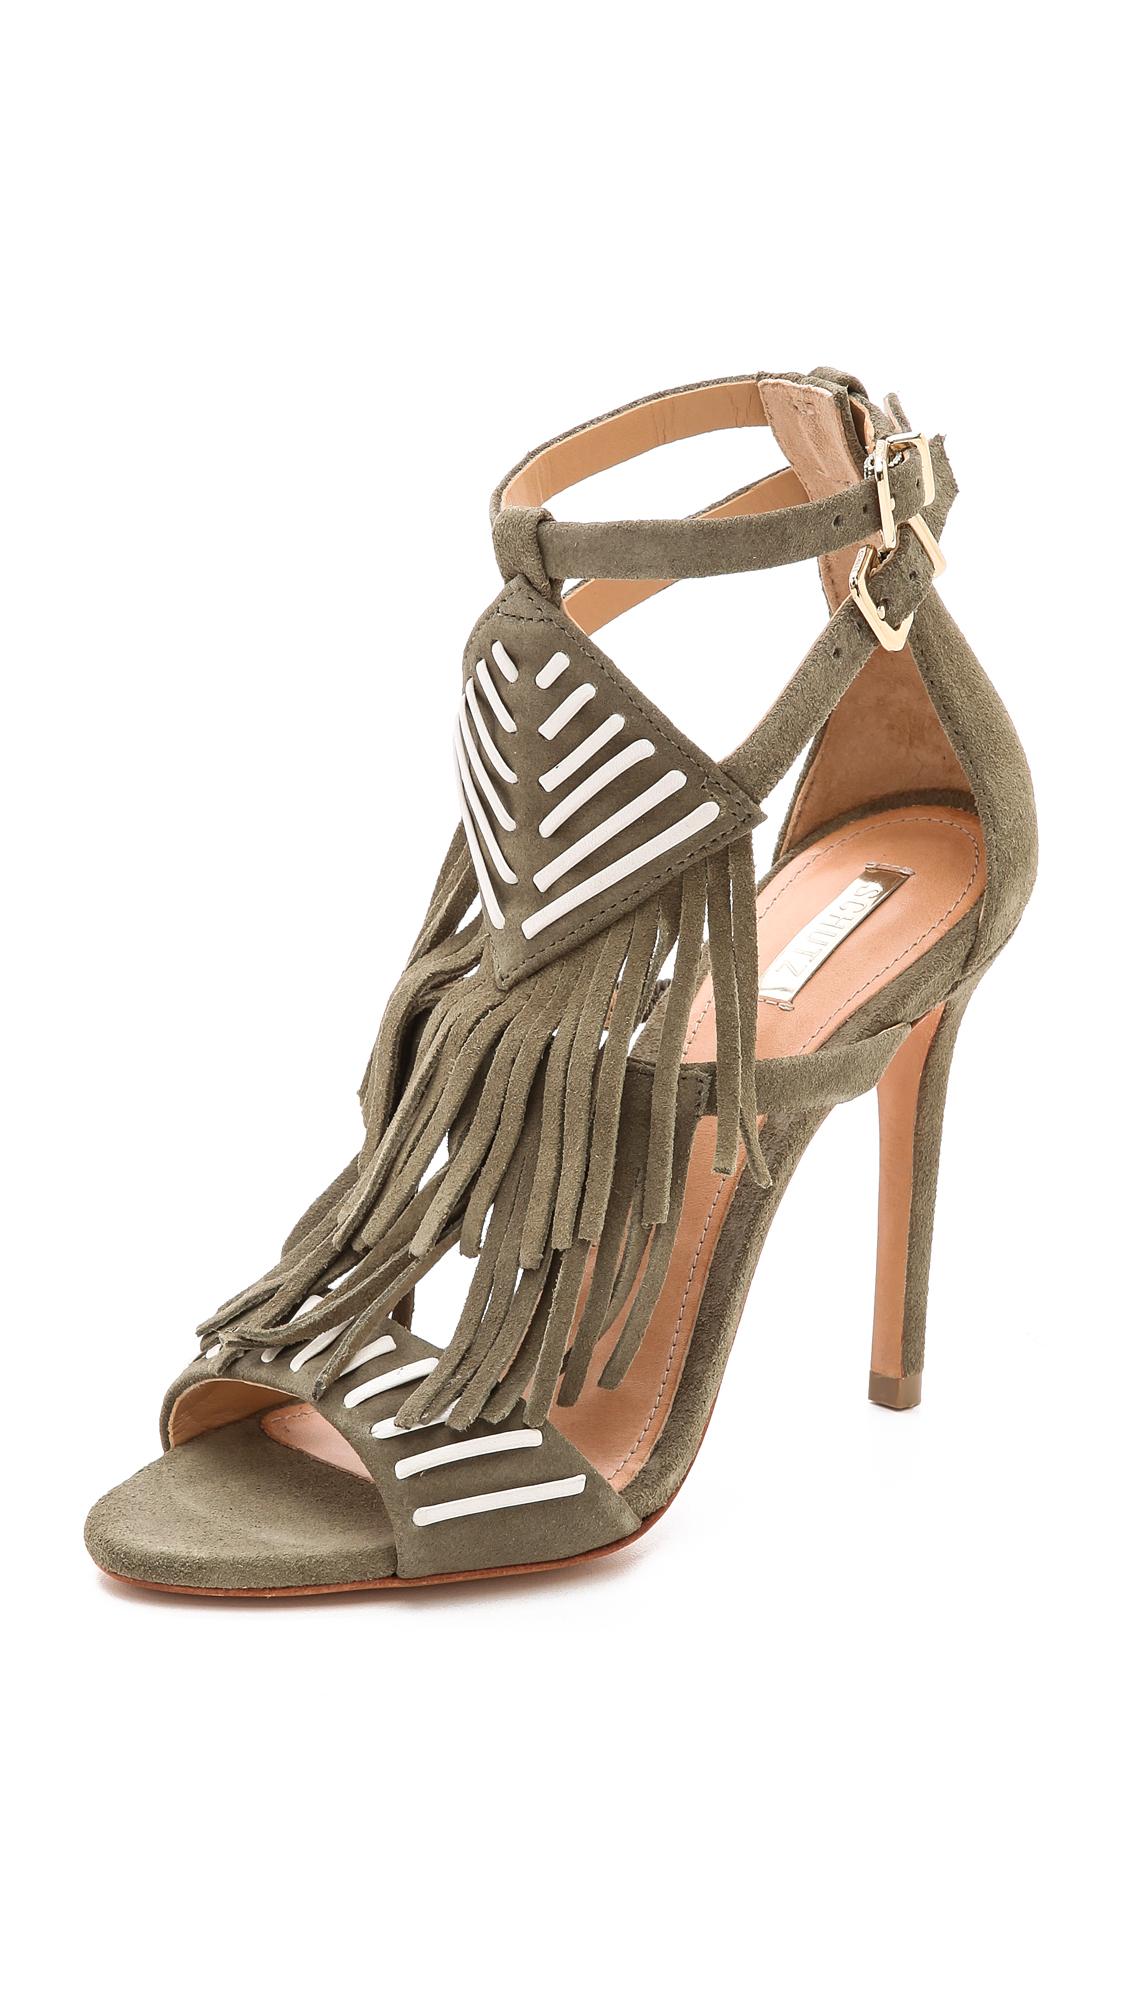 Schutz Fringe Sandals